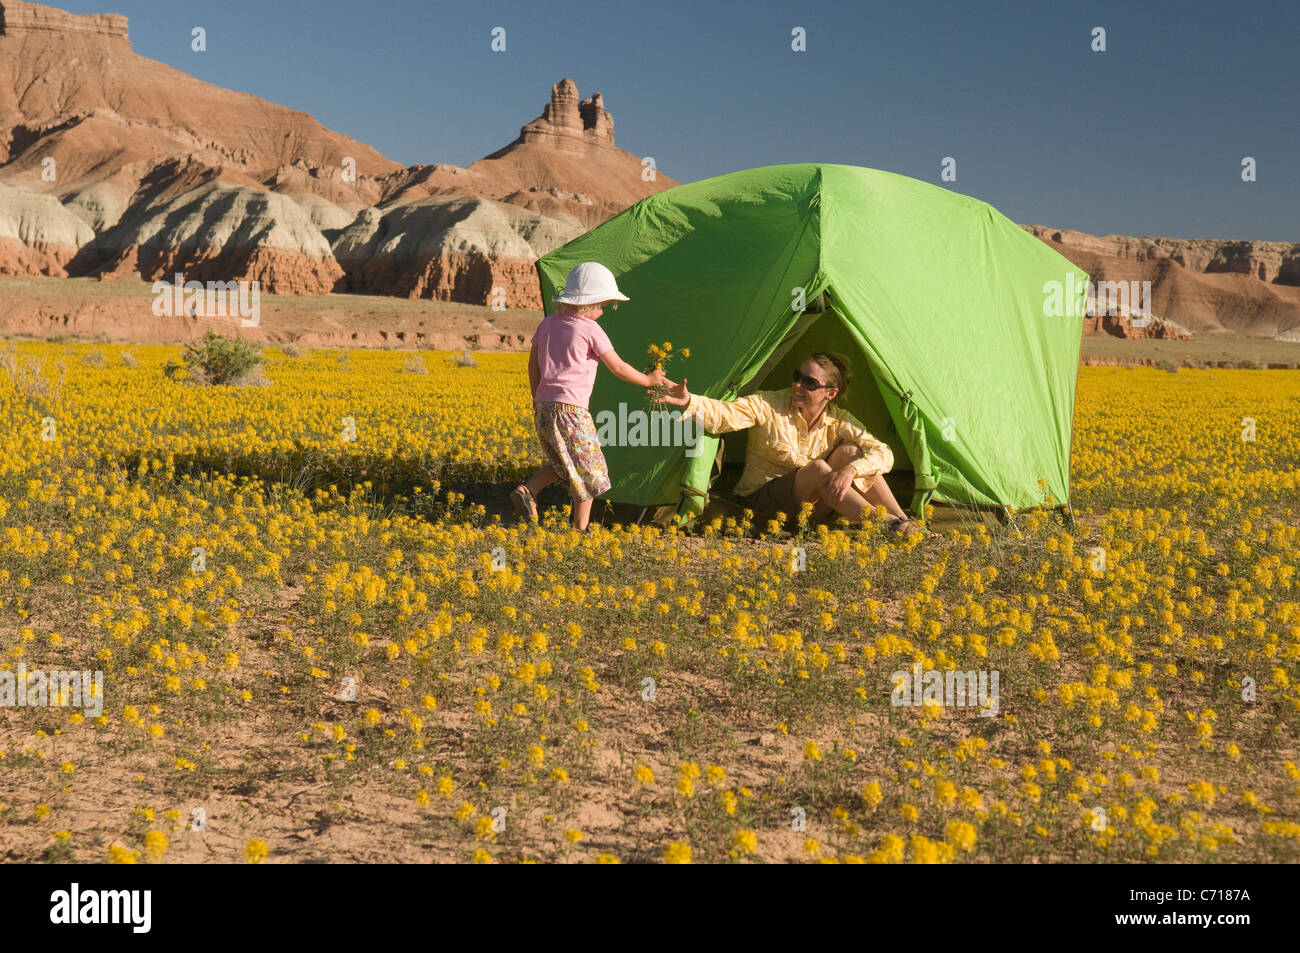 Figlia portando fiori per la madre in una tenda, Hanksville, Utah. Immagini Stock